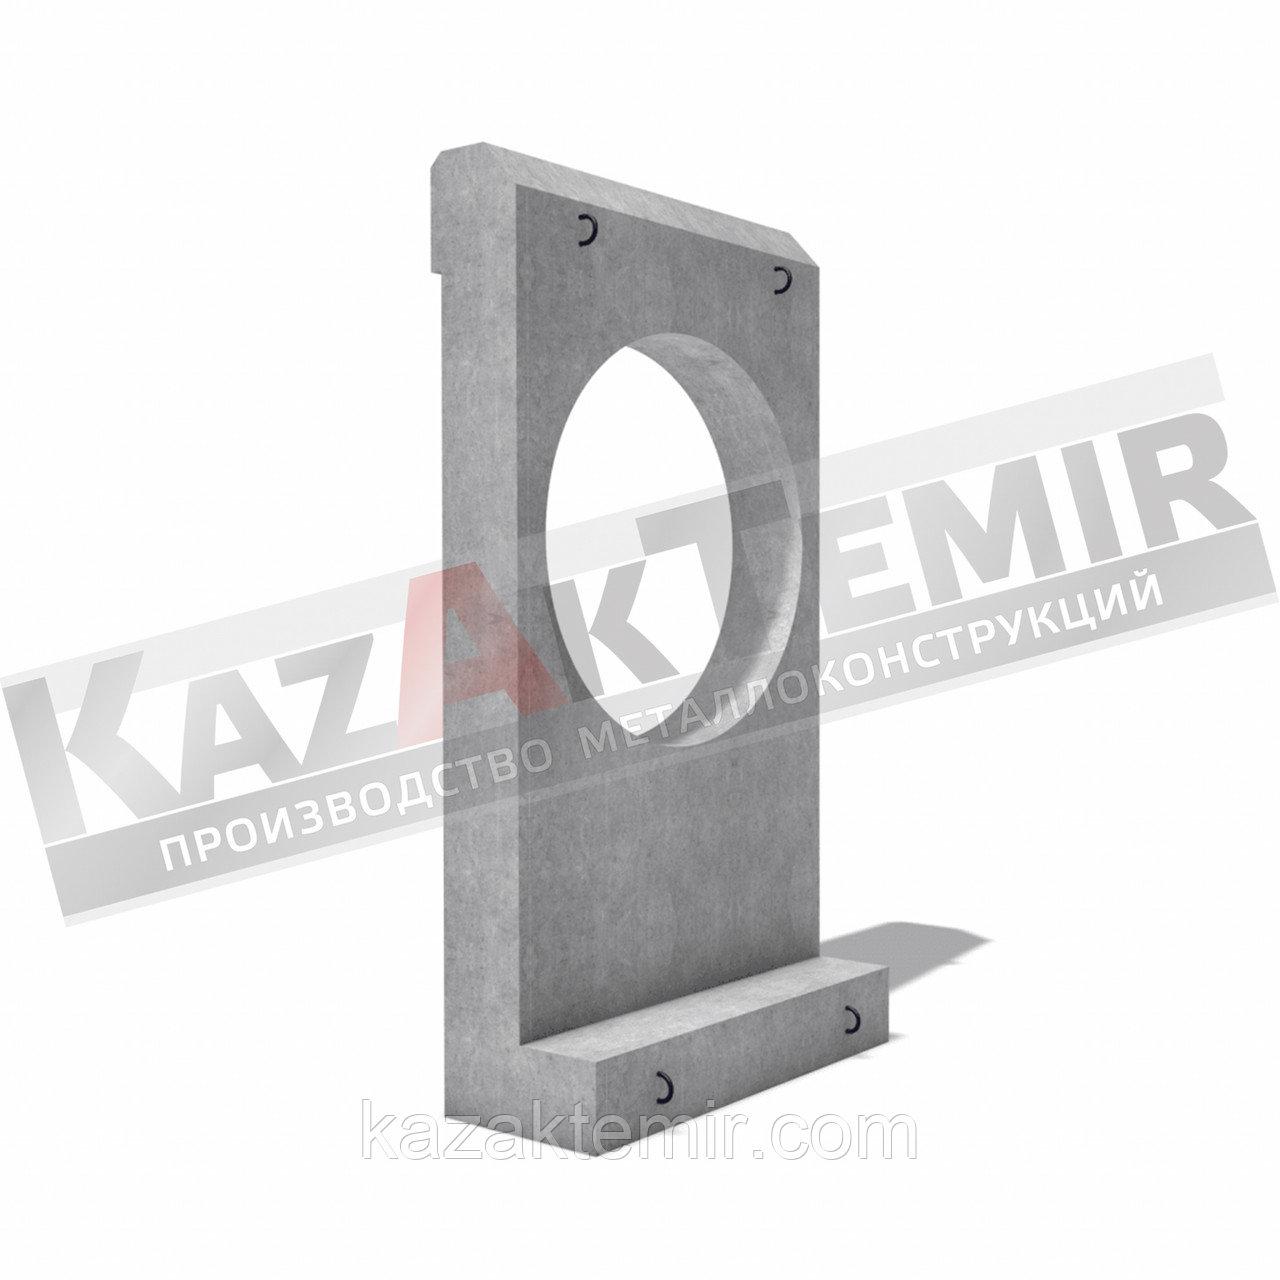 СТ12 портальная стенка (металлоформа)